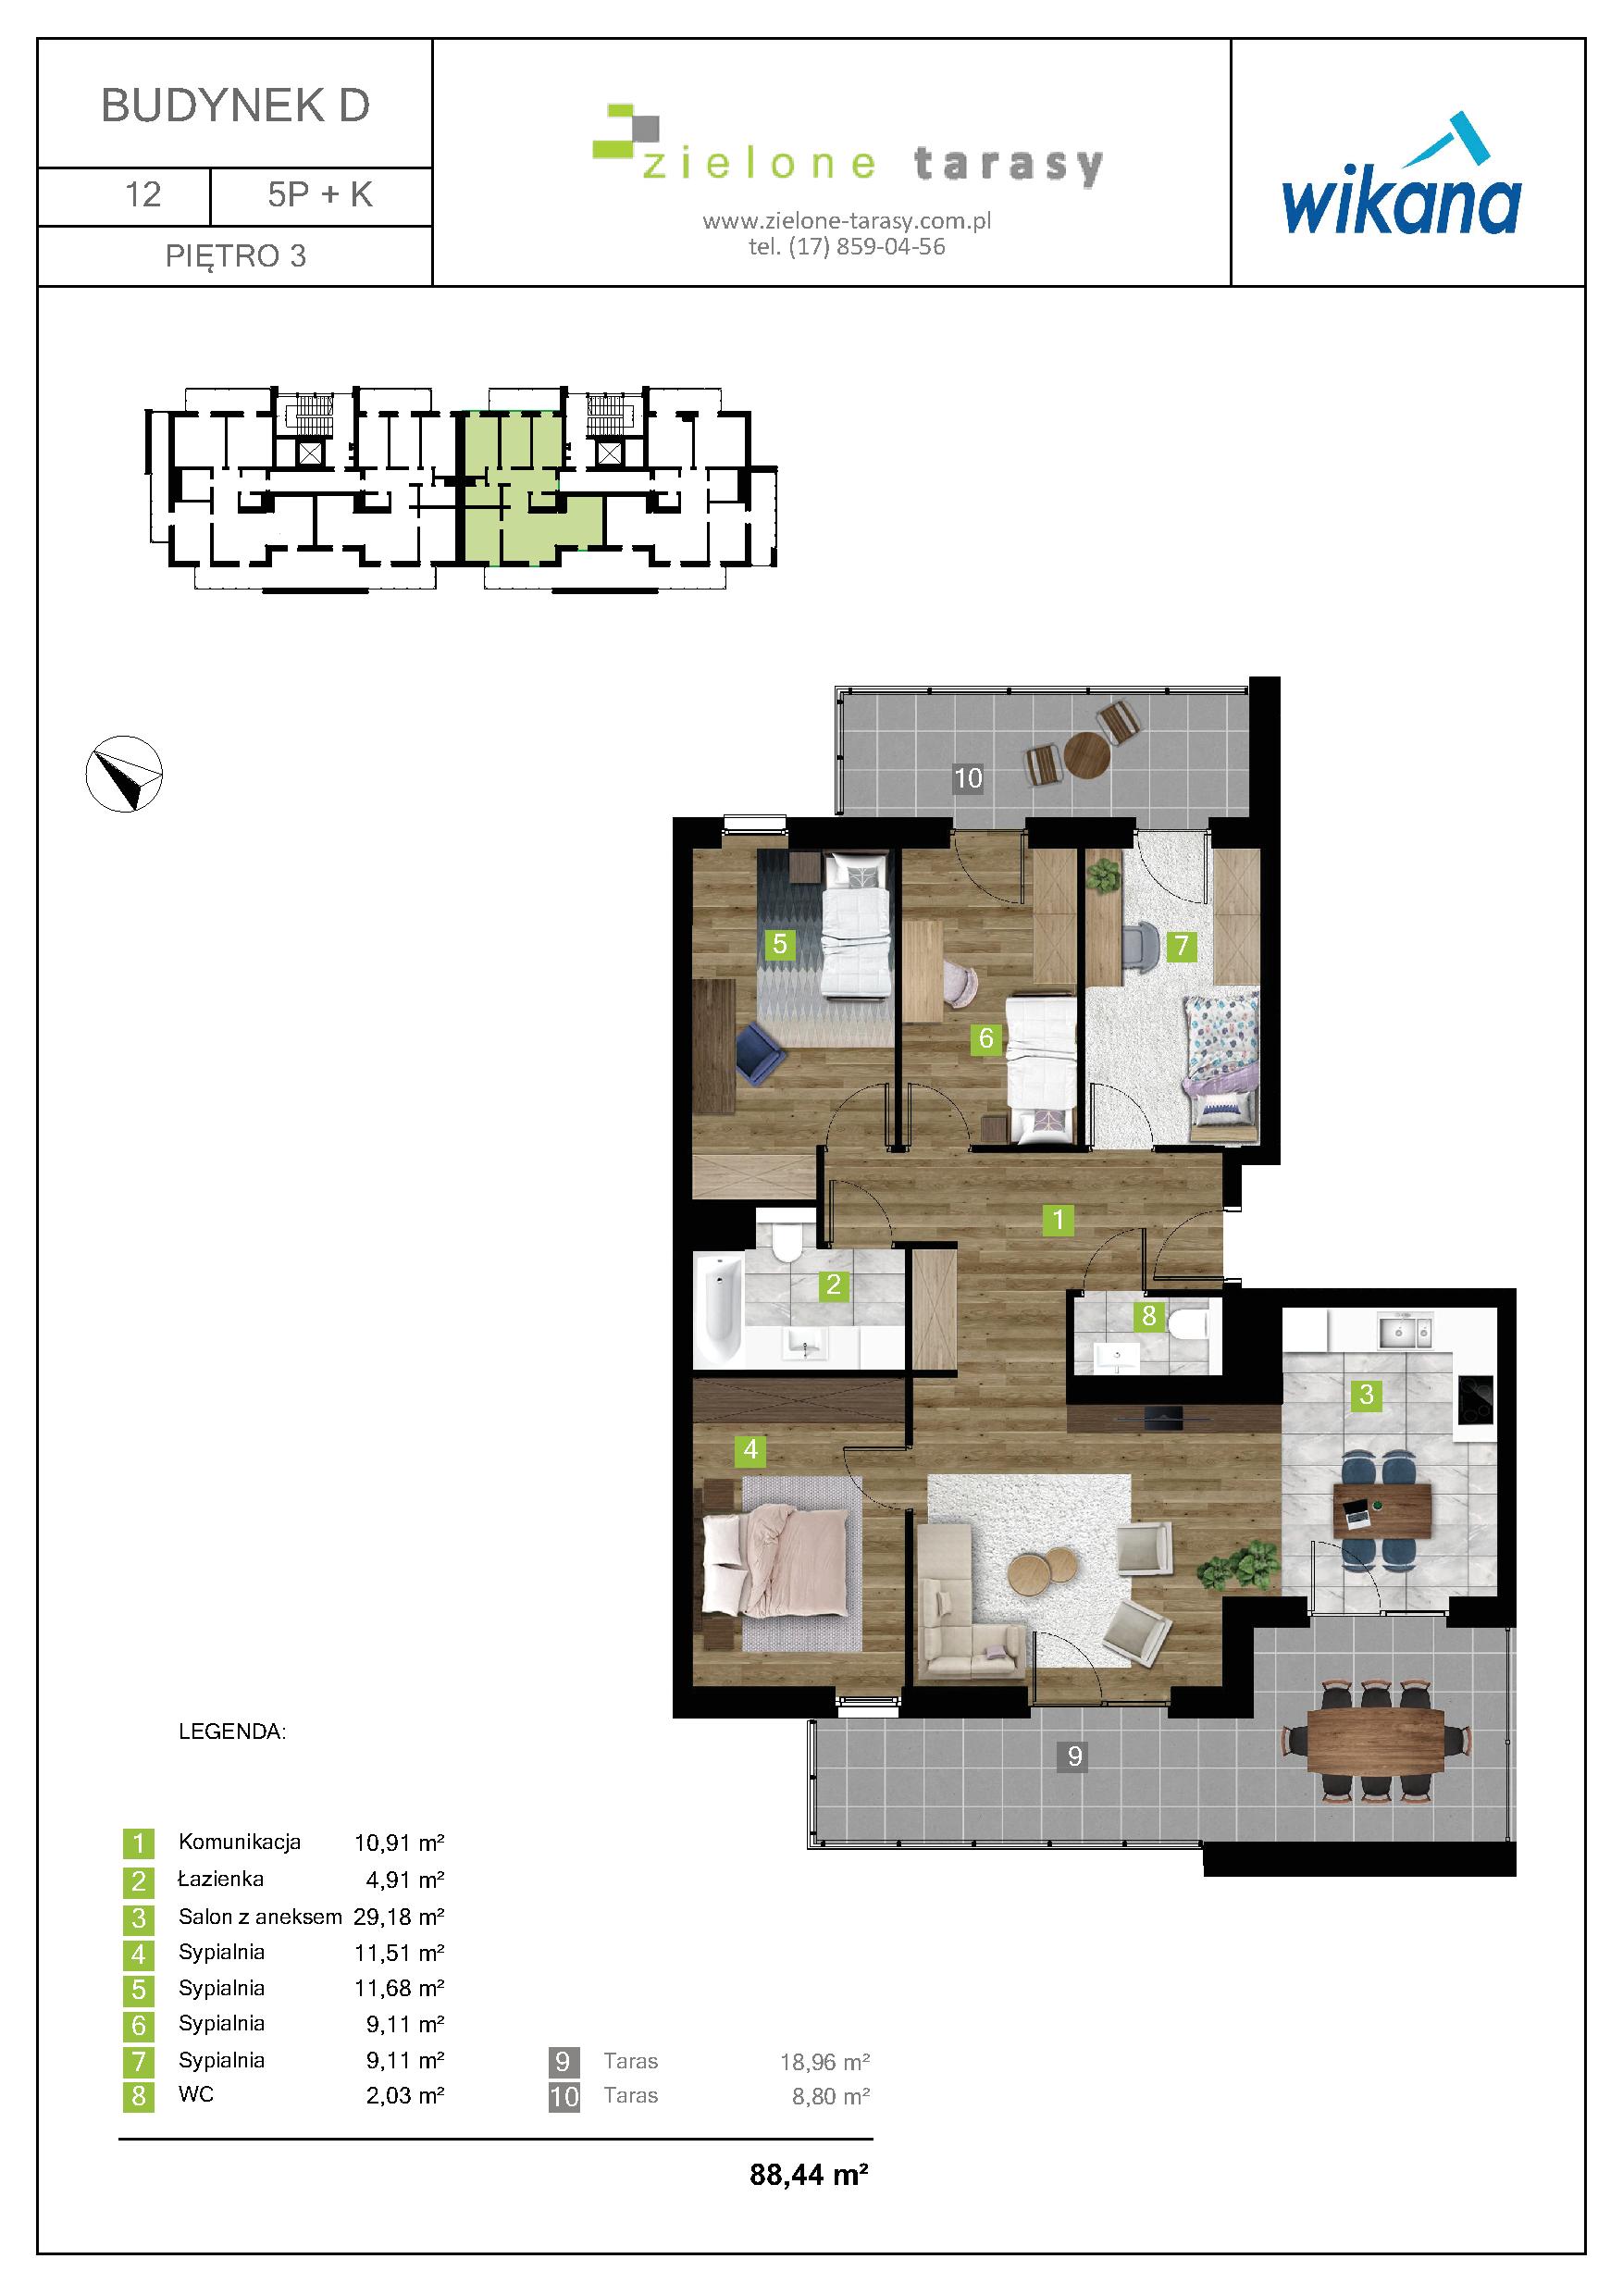 sprzedaż mieszkań rzeszów - D-12